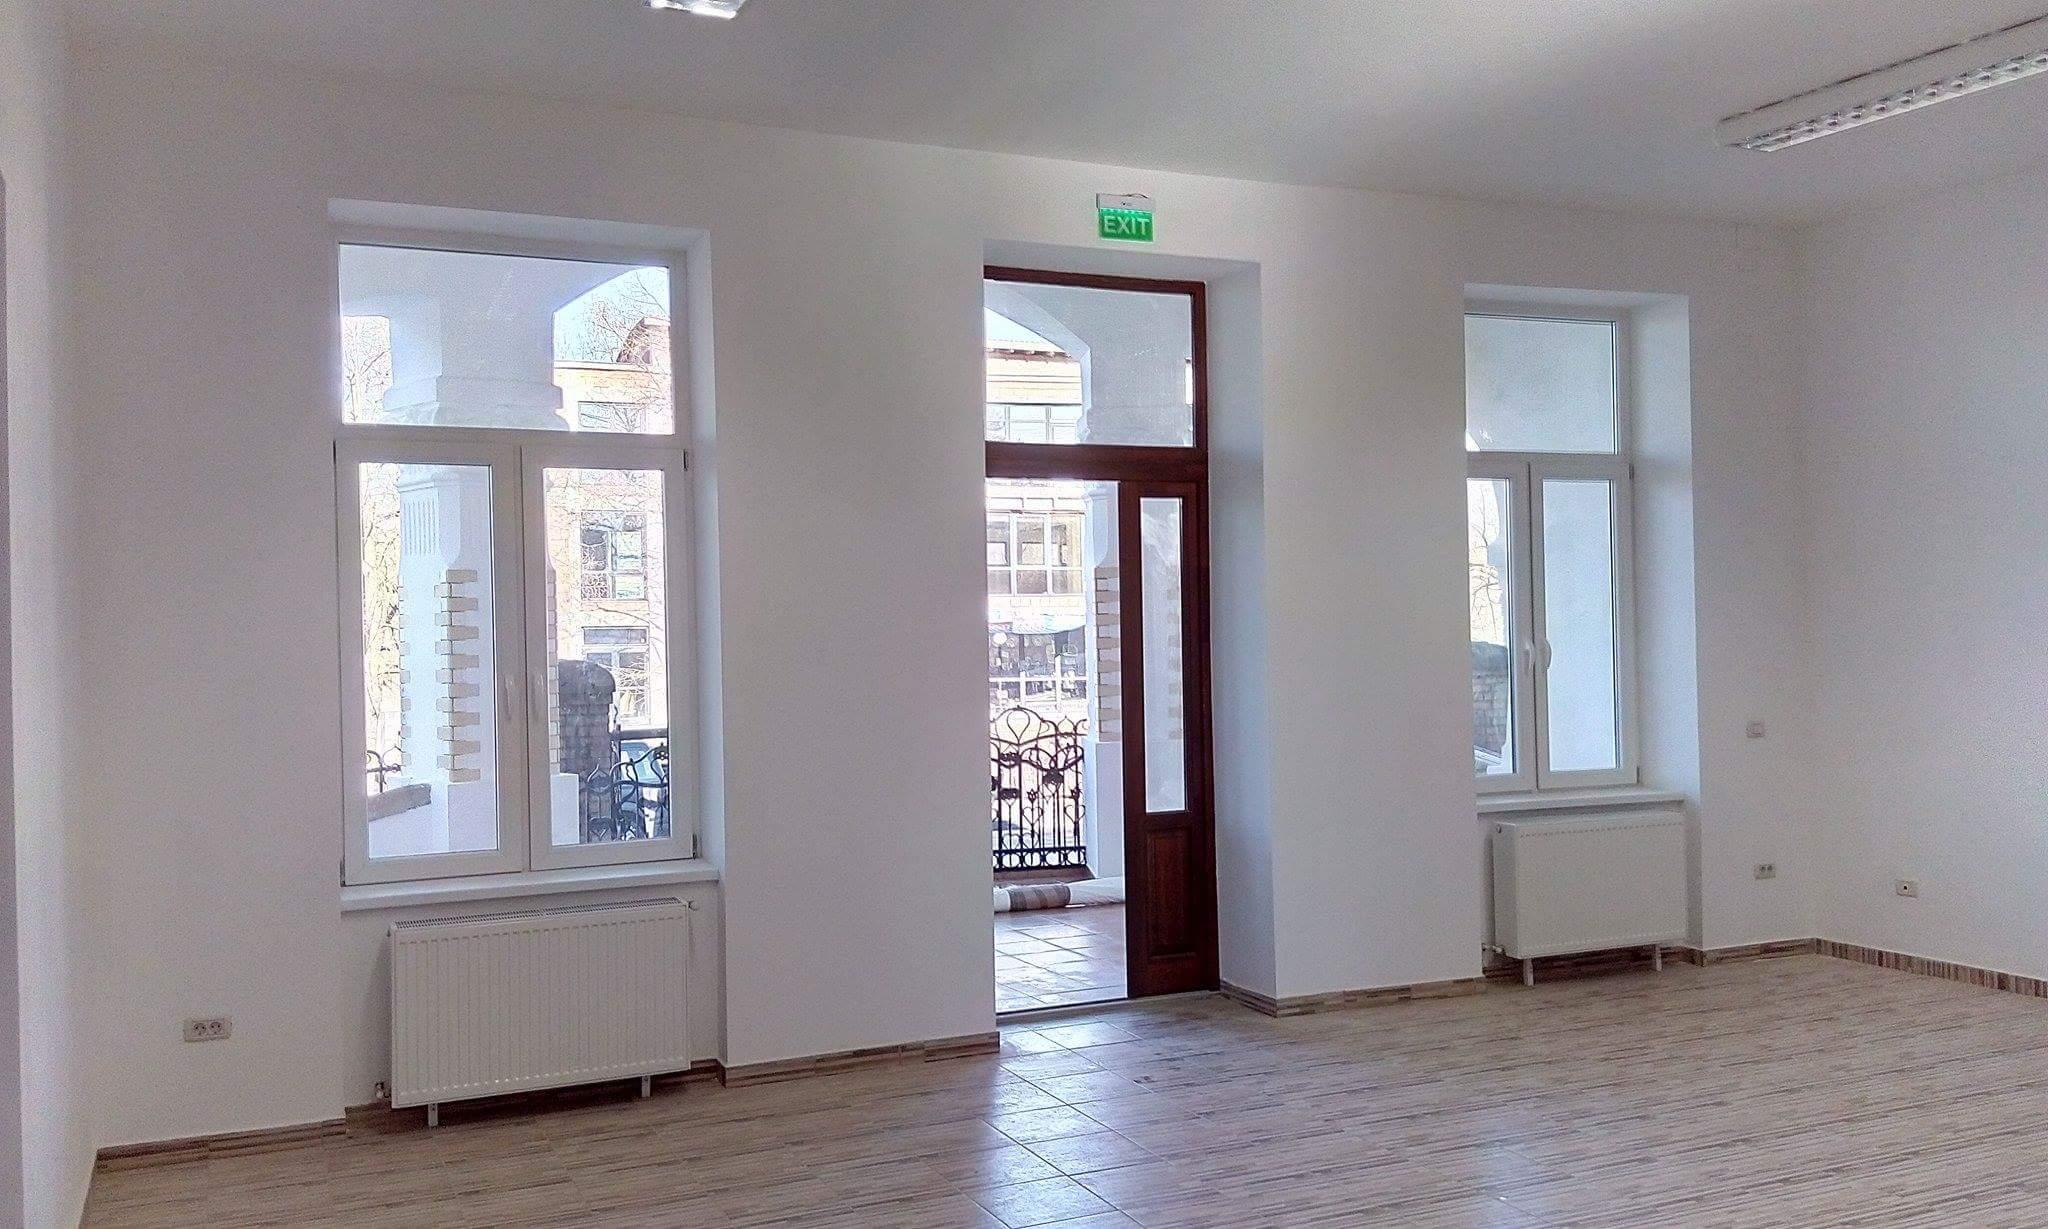 Interior Centrul de Informare turistica Lipova